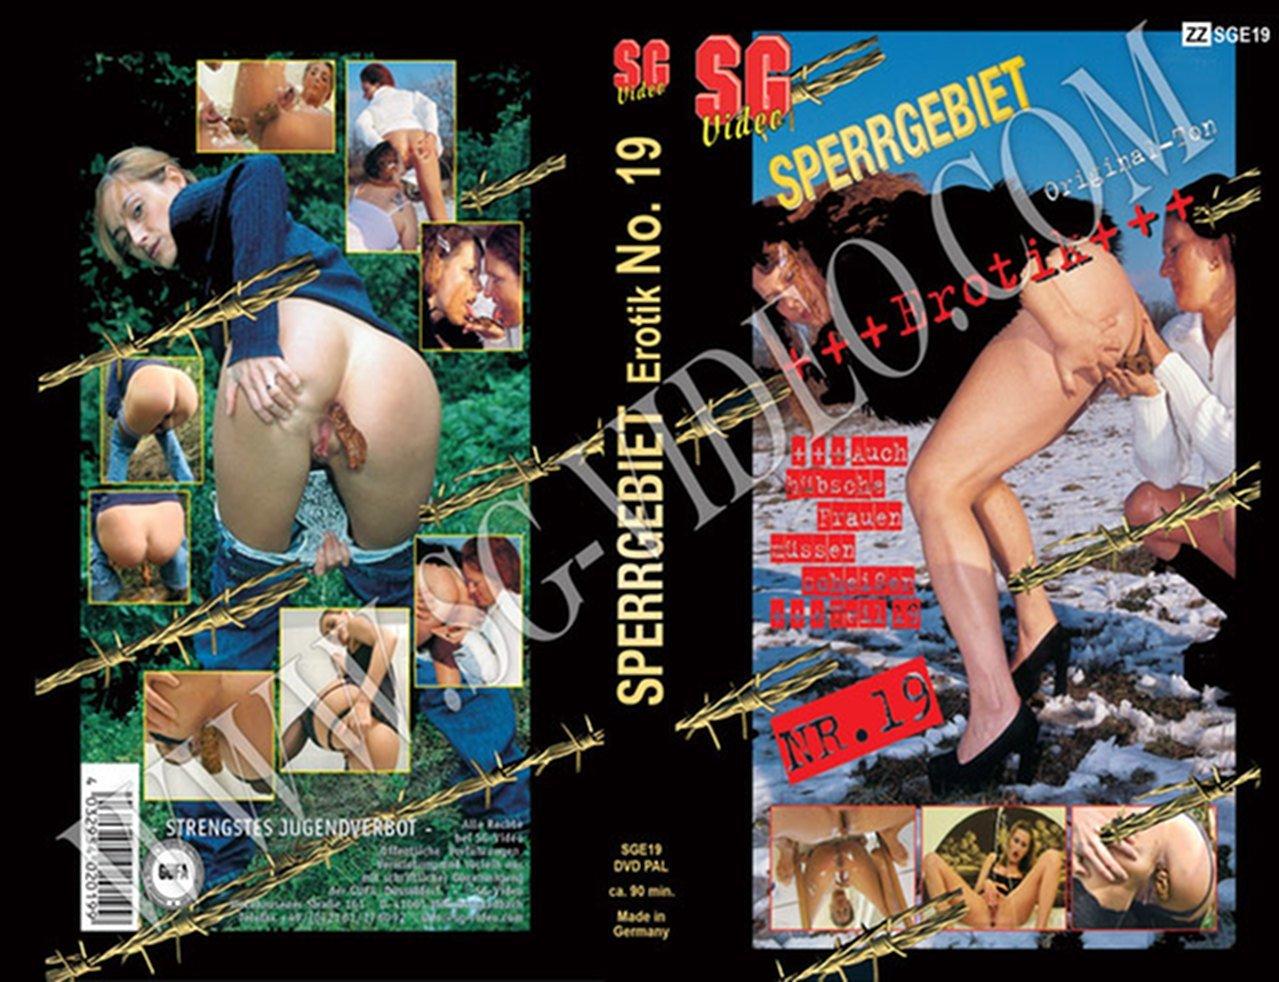 SPERRGEBIET EROTIK 19 - Full Movie